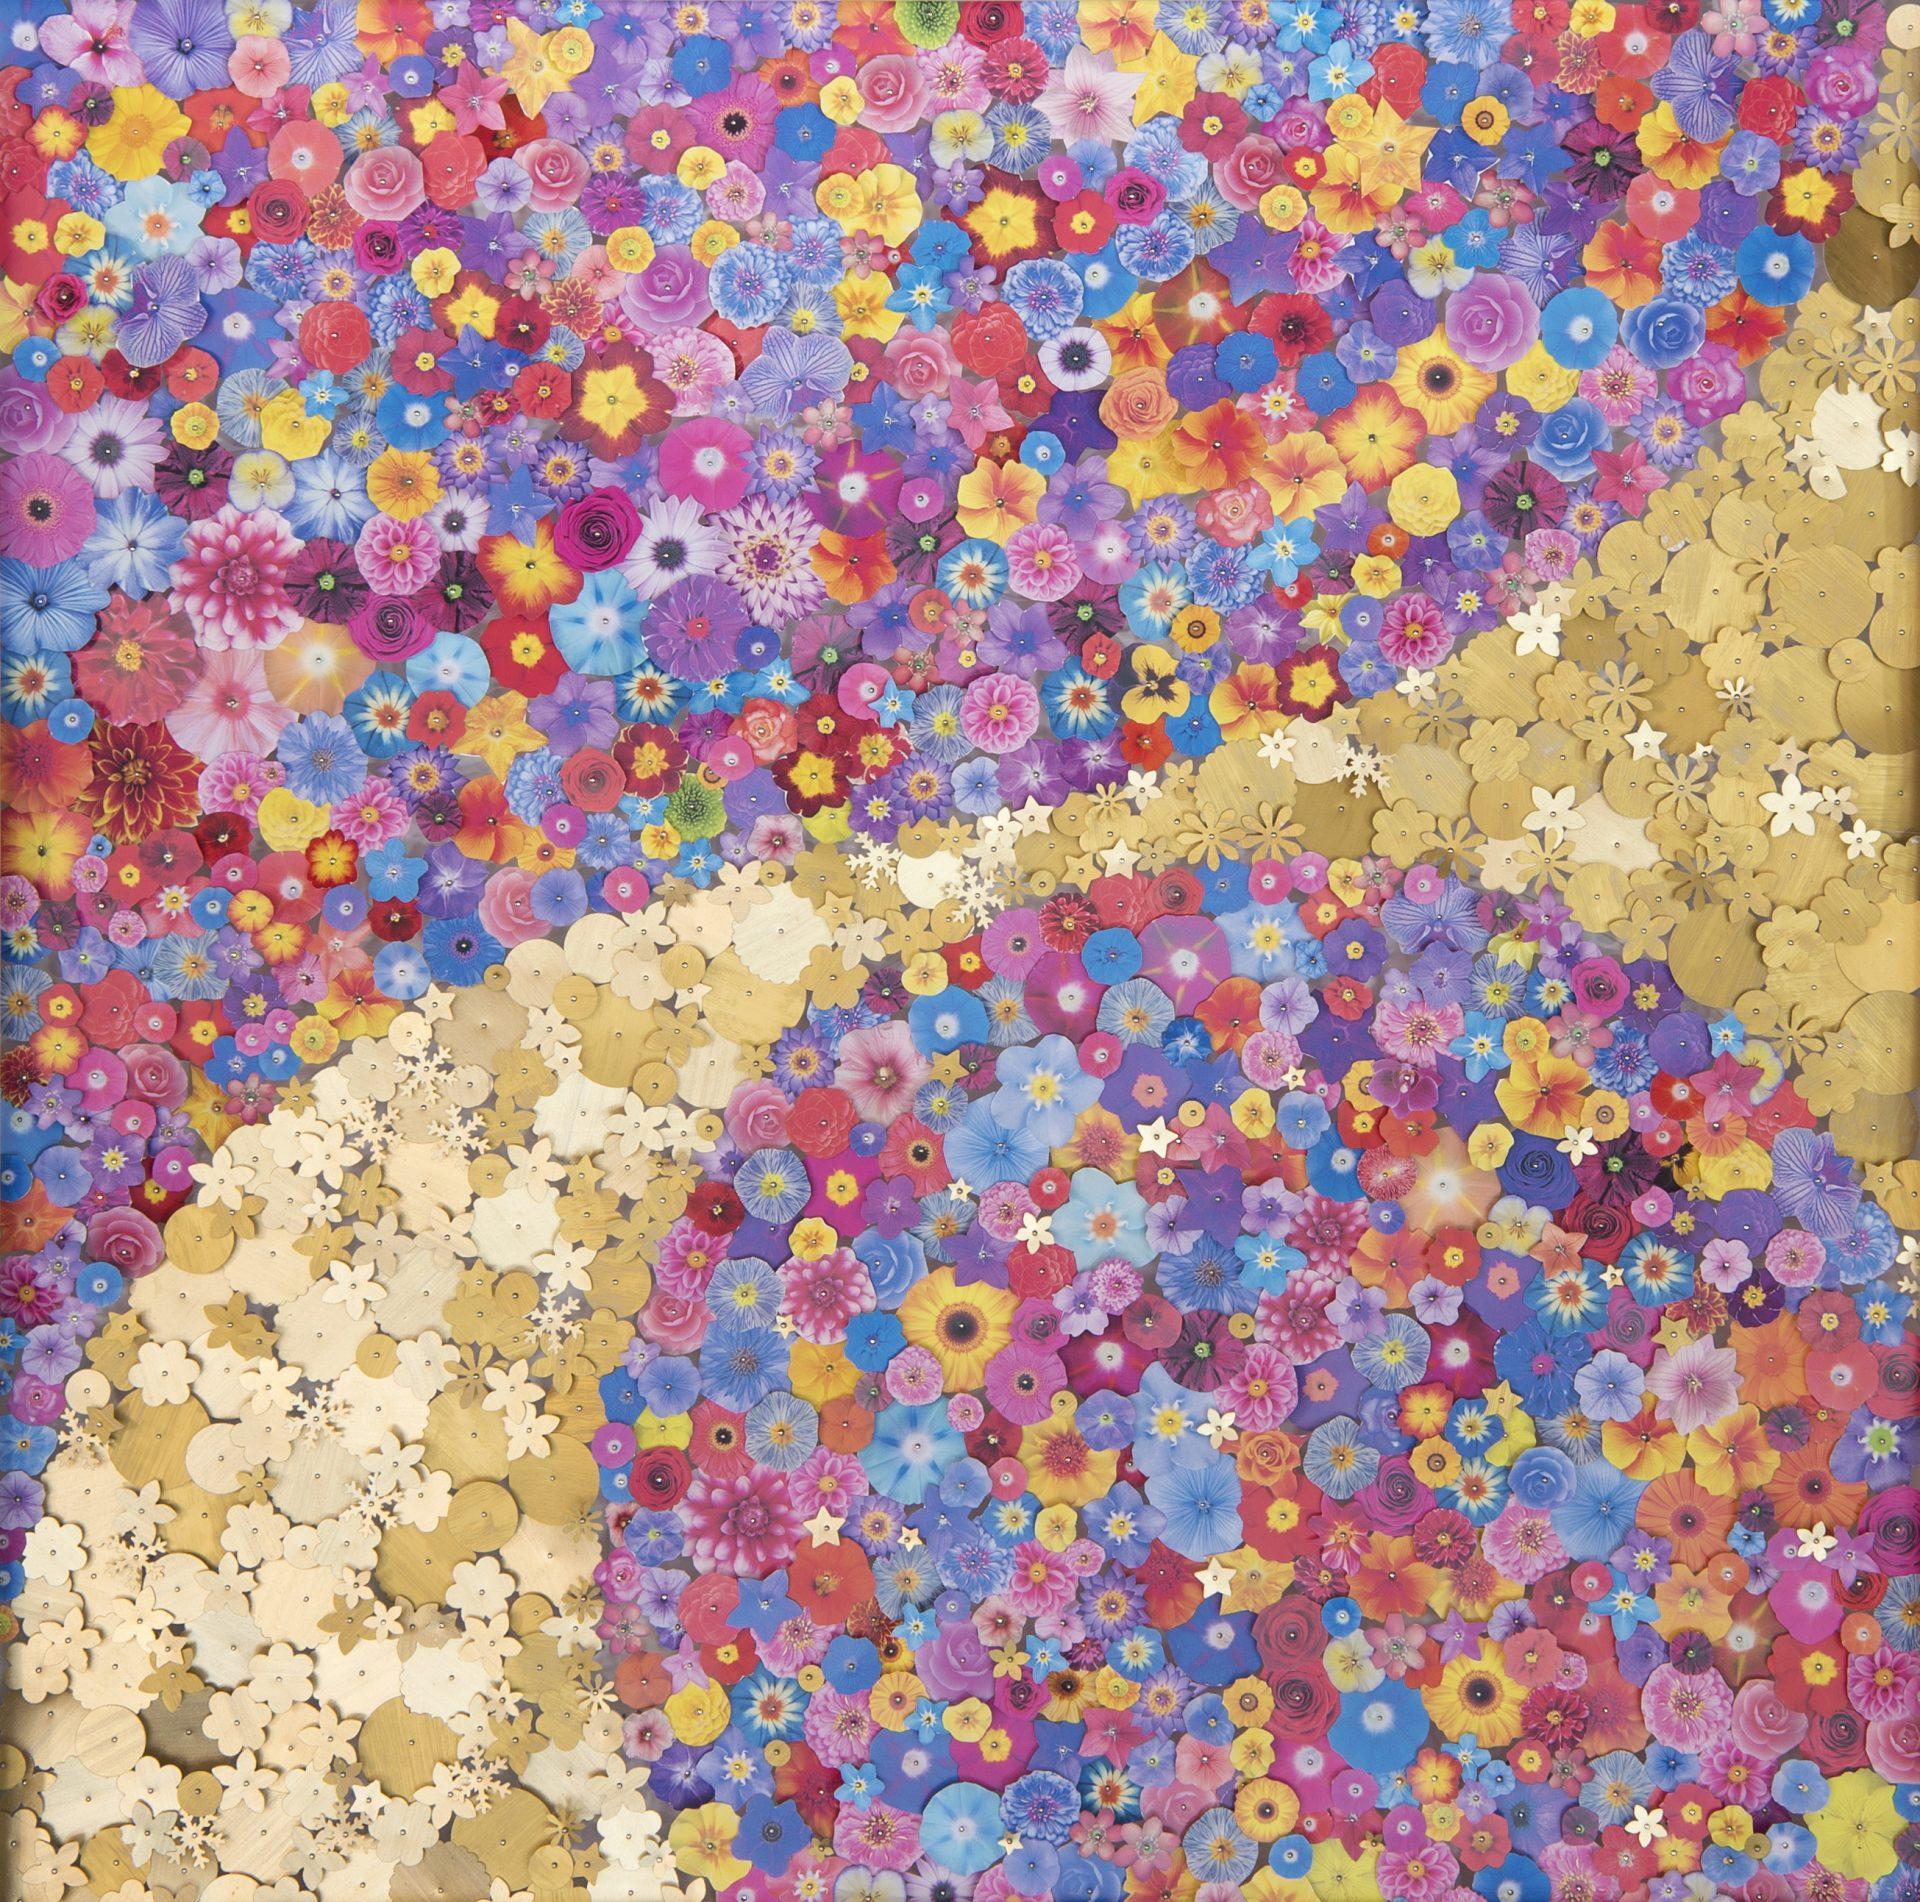 """Aggregazioni molecolari e piccole storie della natura<br>MLTT02<br>misure: 70 x 70 cm<br>tecnica: tasselli in pvc stampato e dorato su poliplat<br>anno: 2017<br><br><span style=""""color:red"""">NON DISPONIBILE</span>"""